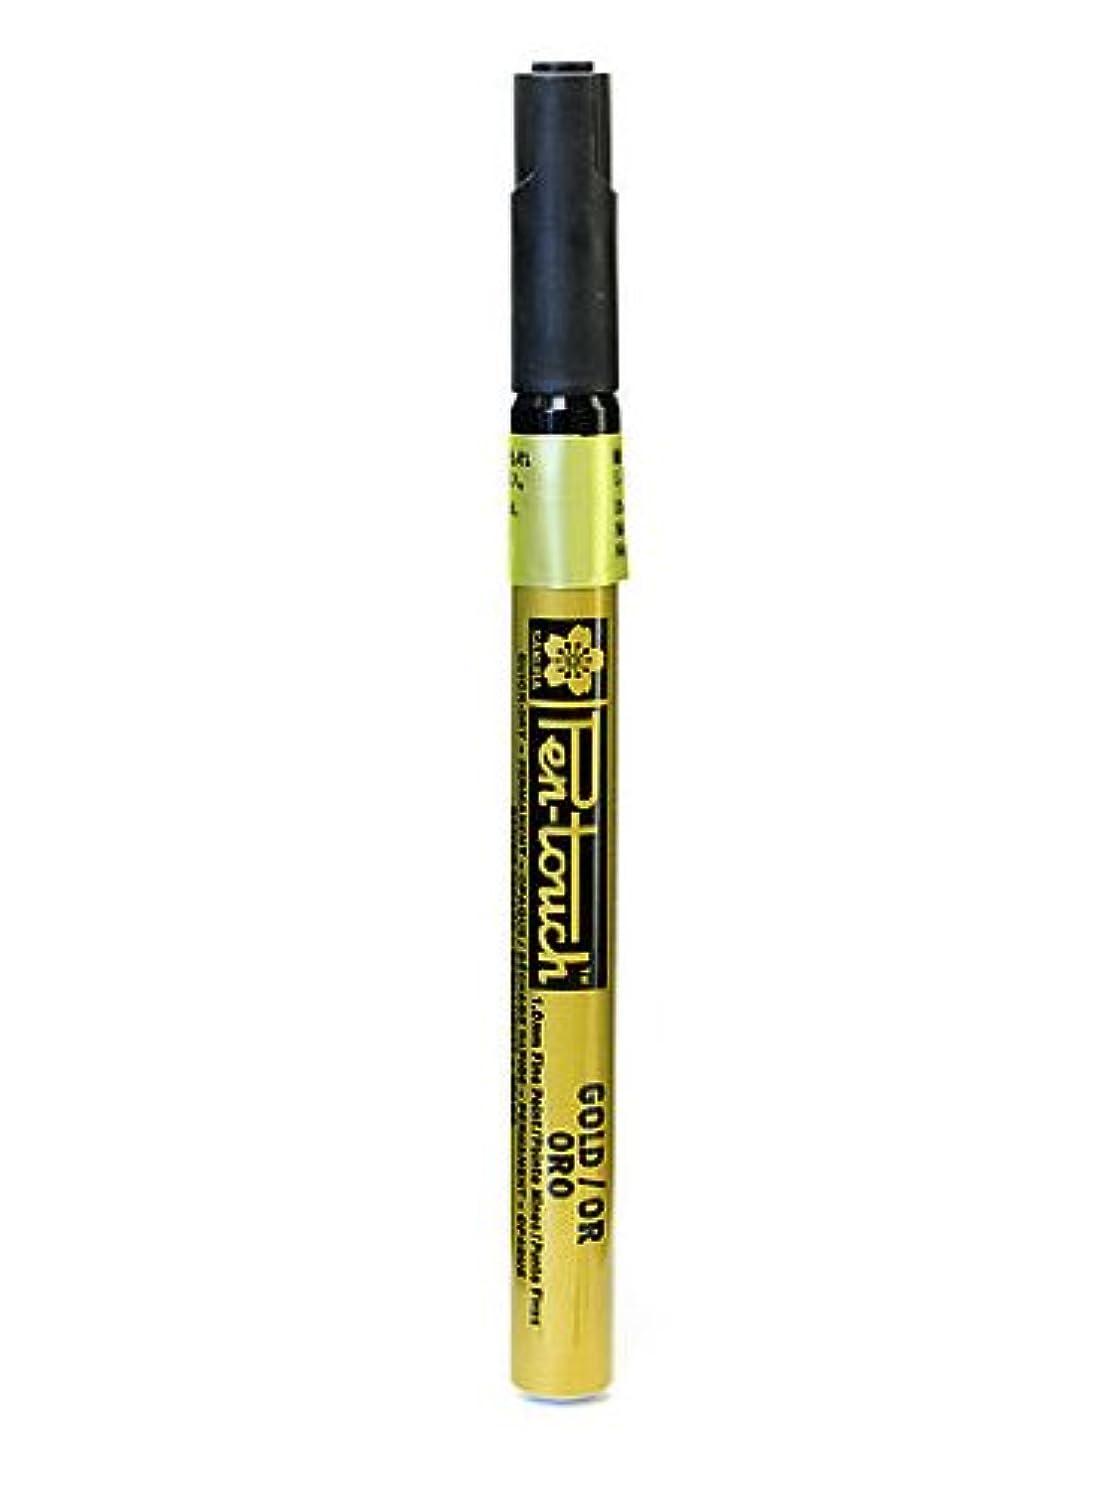 Sakura Pen-Touch Marker 1.0 mm fine gold [PACK OF 4 ]